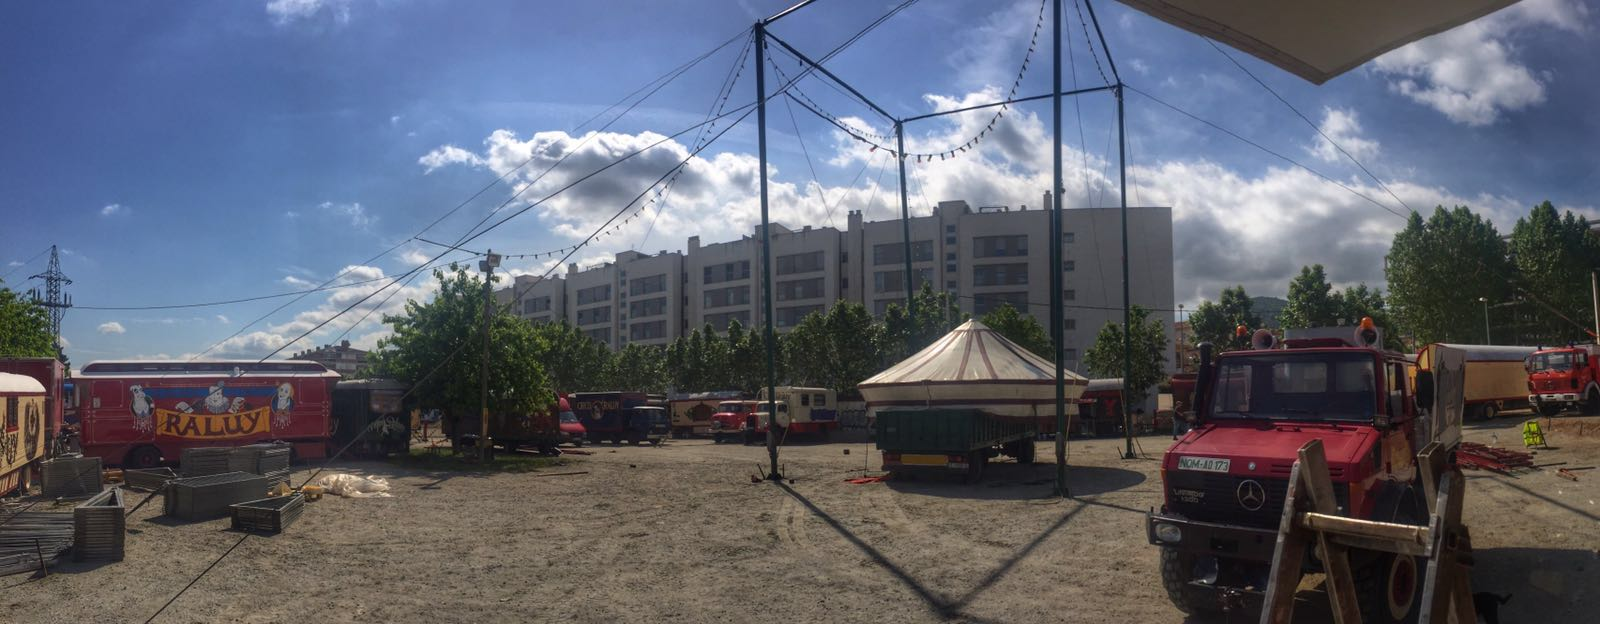 El circo raluy se prepara en Montornès del Vallès